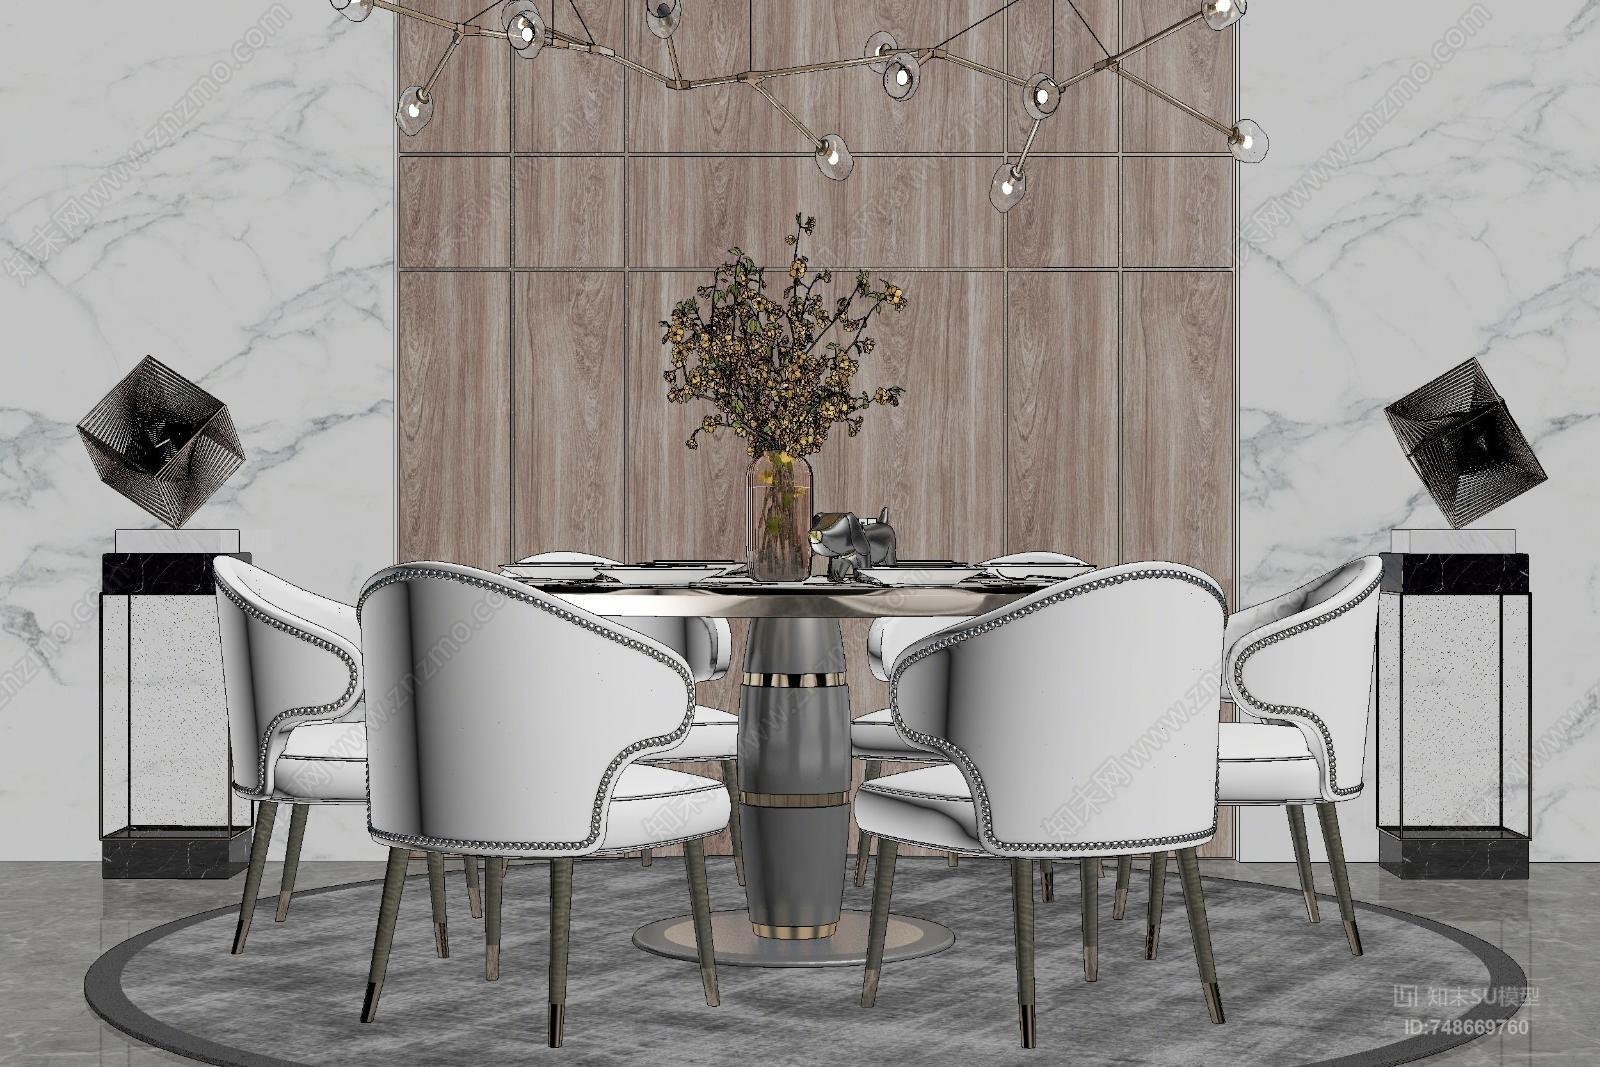 现代风格餐桌椅组合 餐厅背景墙